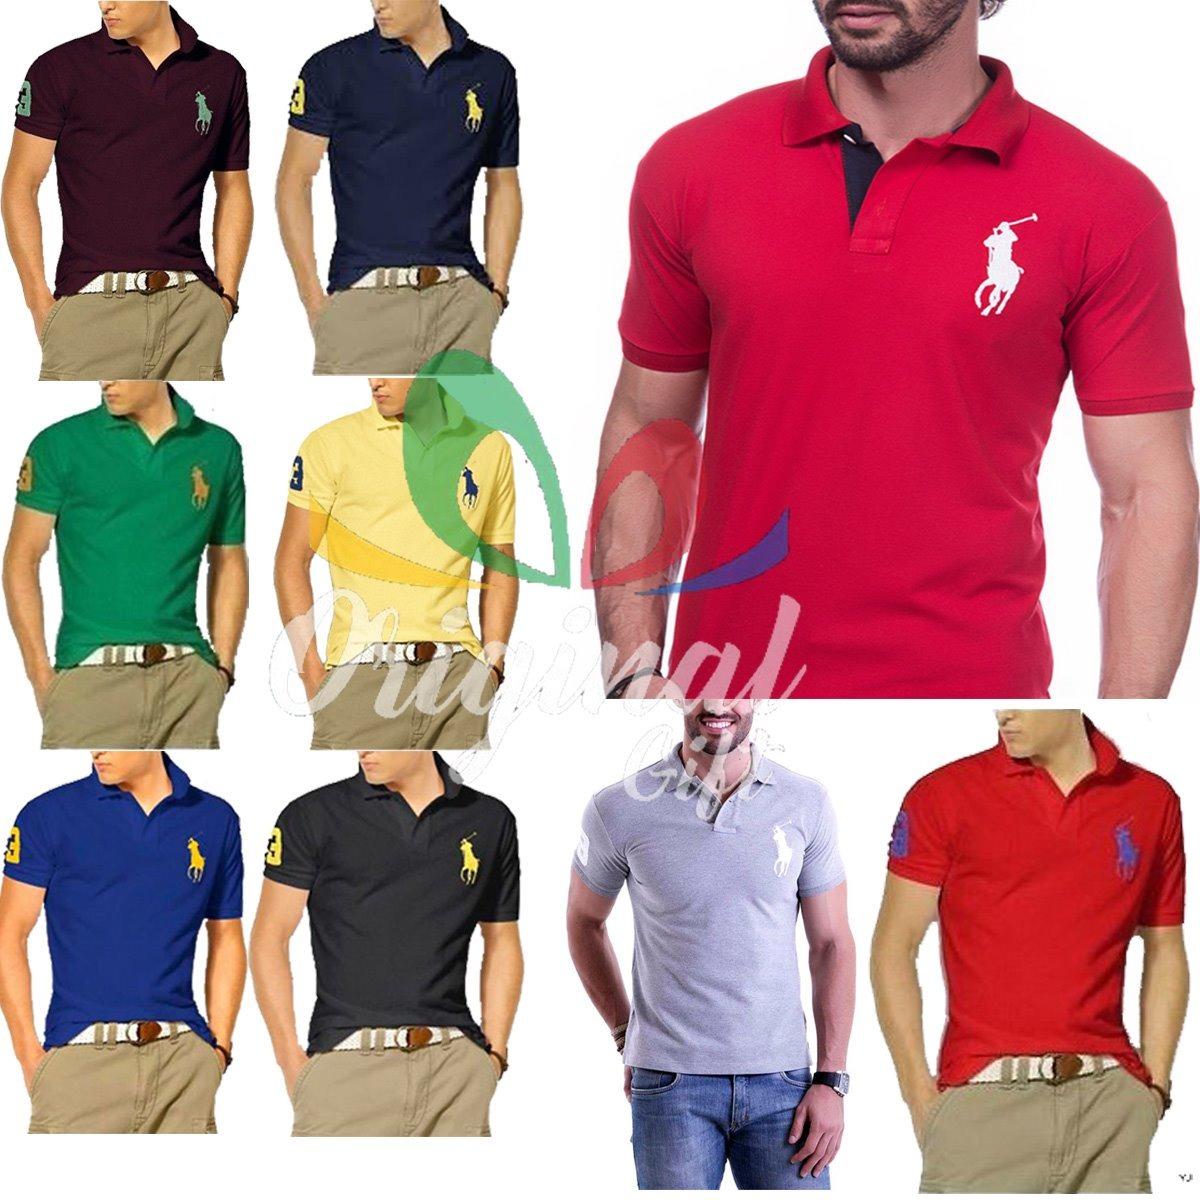 9afb2aedabb51e  kit 30 camiseta gola polo frete grátis atacado revenda.  Carregando zoom. 6141a21f610